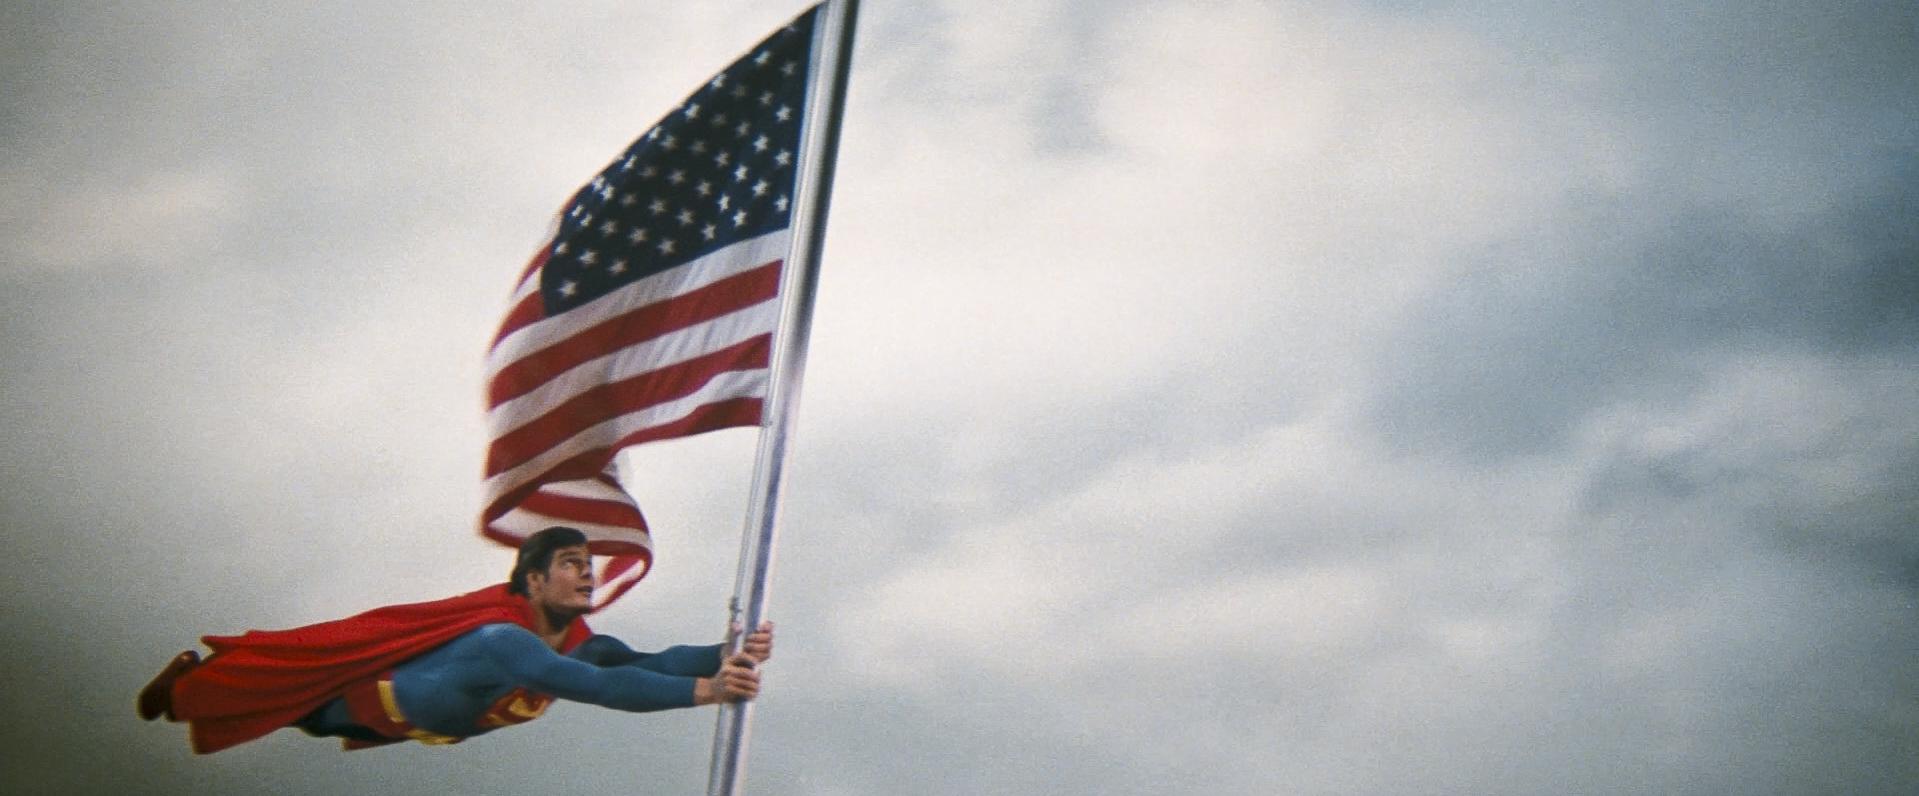 CW-SII-American-flag-screenshot-27